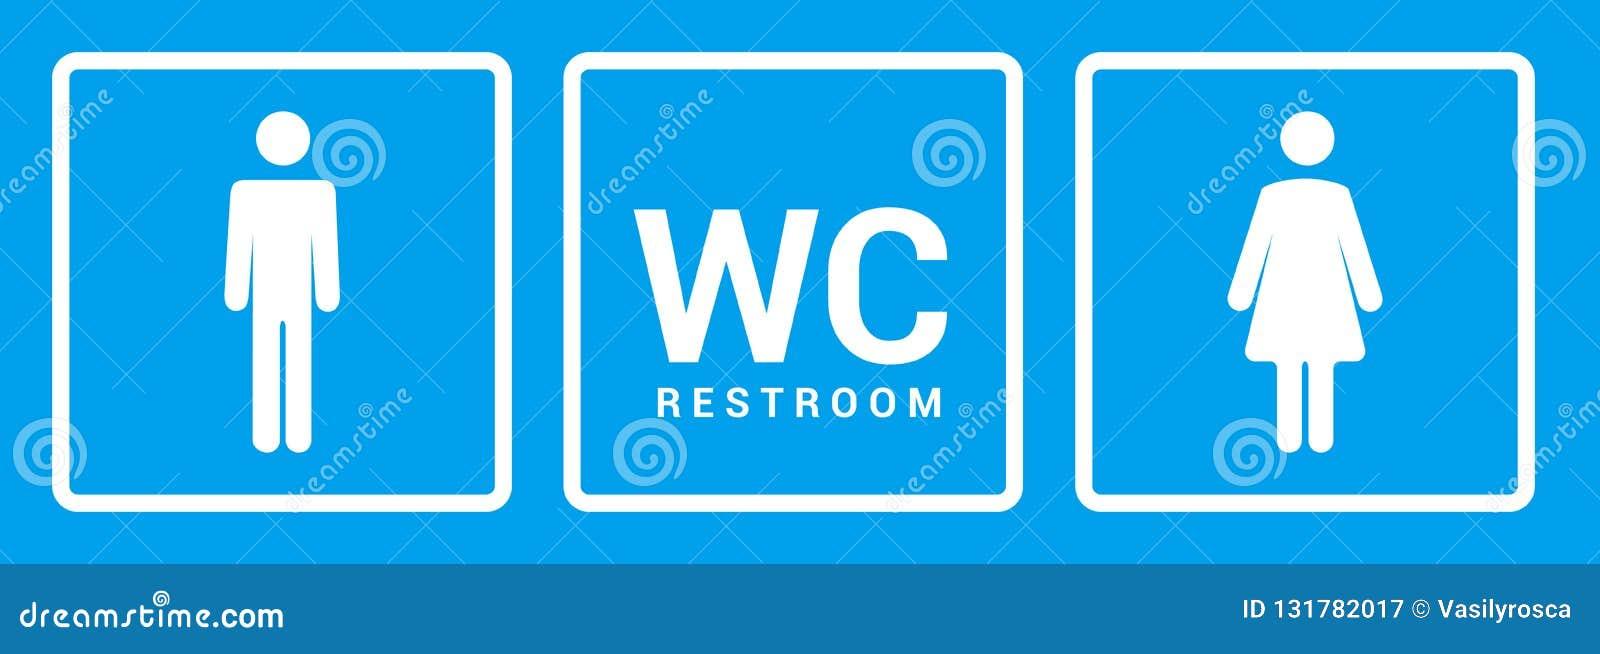 Mannelijk vrouwelijk badkamerspictogram Van het toiletjongen of meisje het symbool van het dameteken Het vectorconcept van toilet